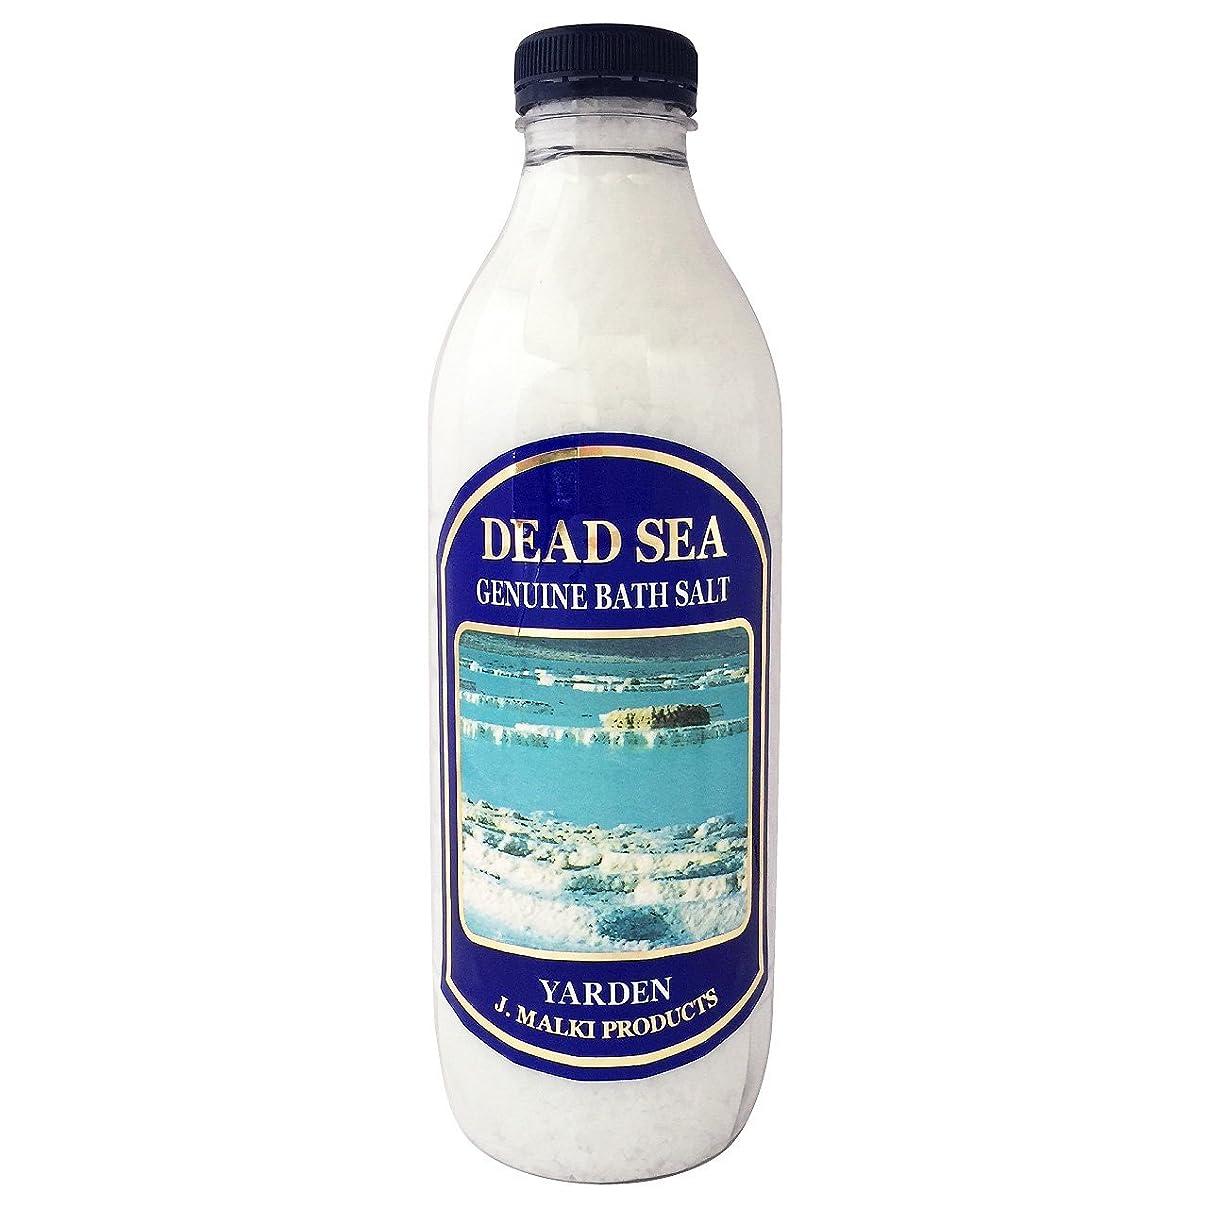 買い物に行く知人グッゲンハイム美術館デッドシー?バスソルト 1kg(約10回分)【DEAD SEA BATH SALT】死海の塩/入浴剤(入浴用化粧品)